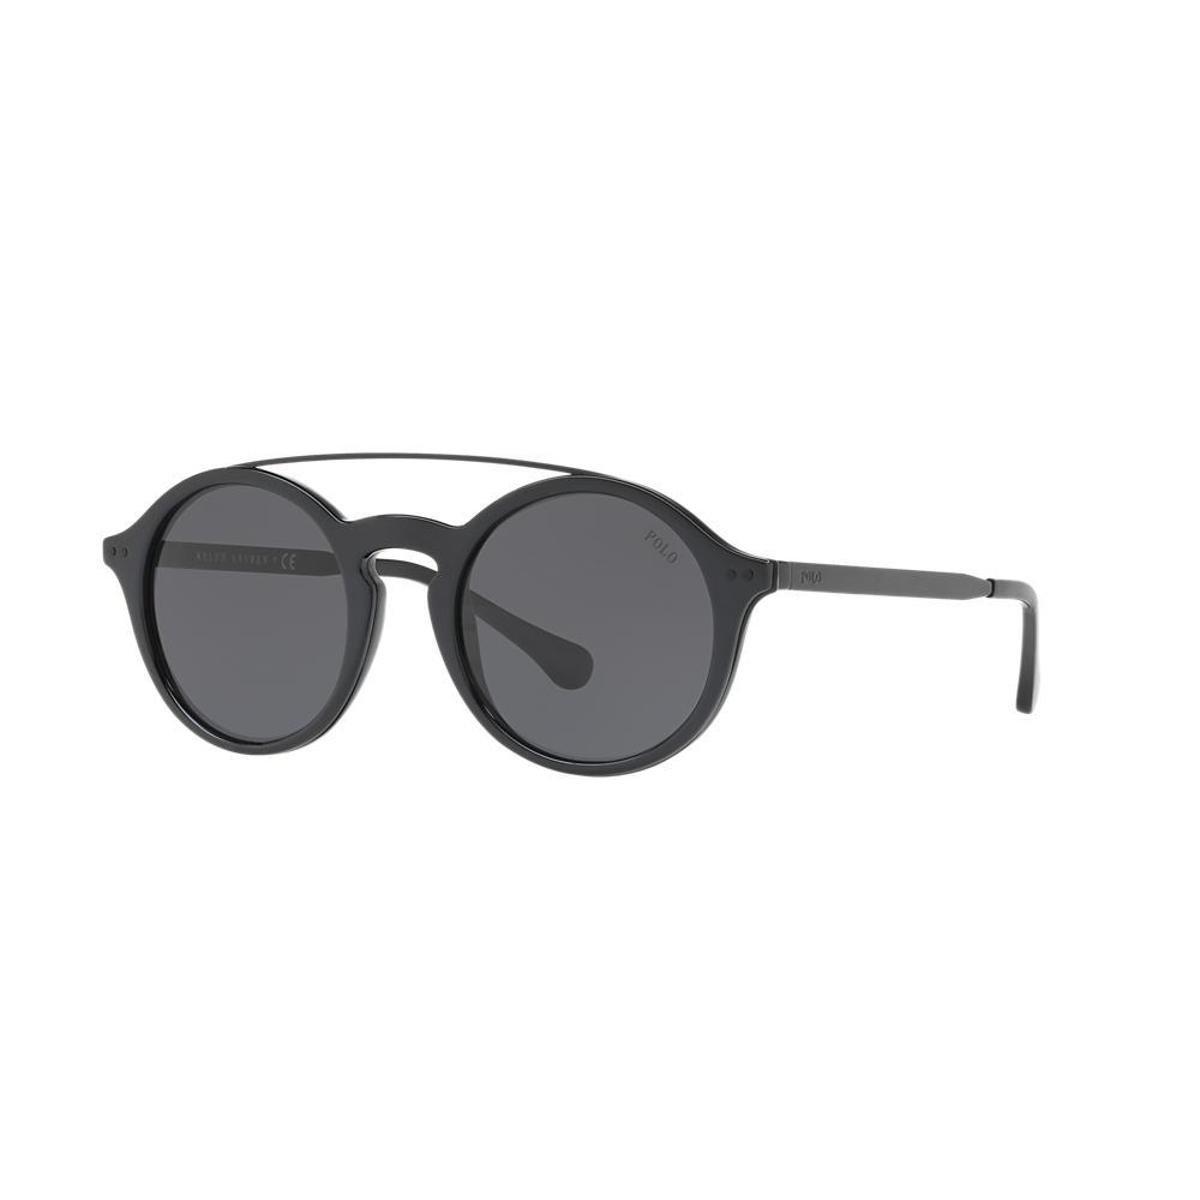 Óculos de Sol Polo Ralph Lauren Redondo PH4122 Feminino - Compre ... 39b1ba0417